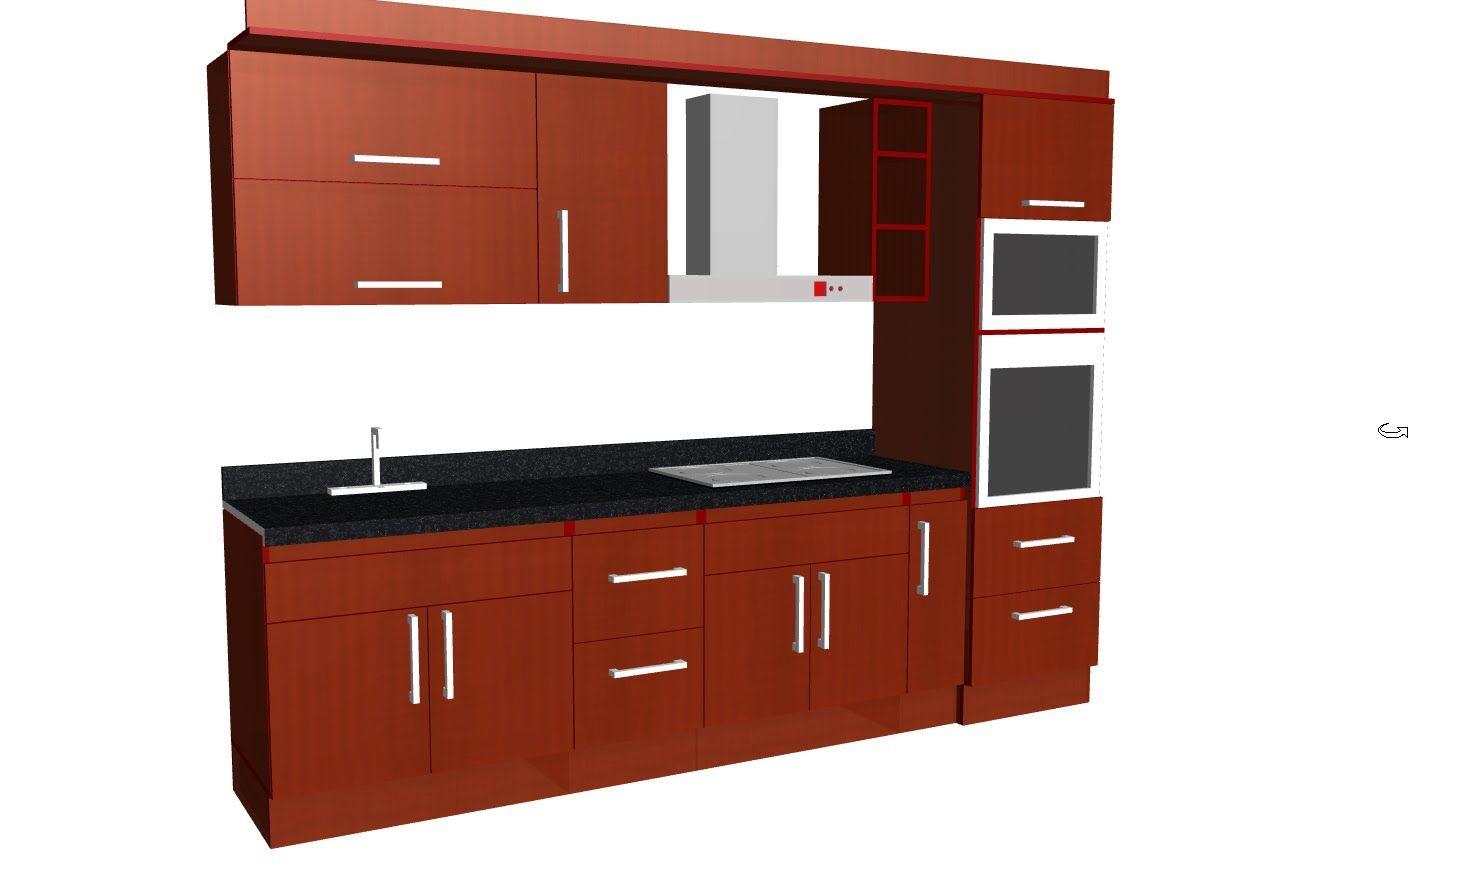 diseo y medidas mueble de cocina buscar con google deco cocina pinterest searching